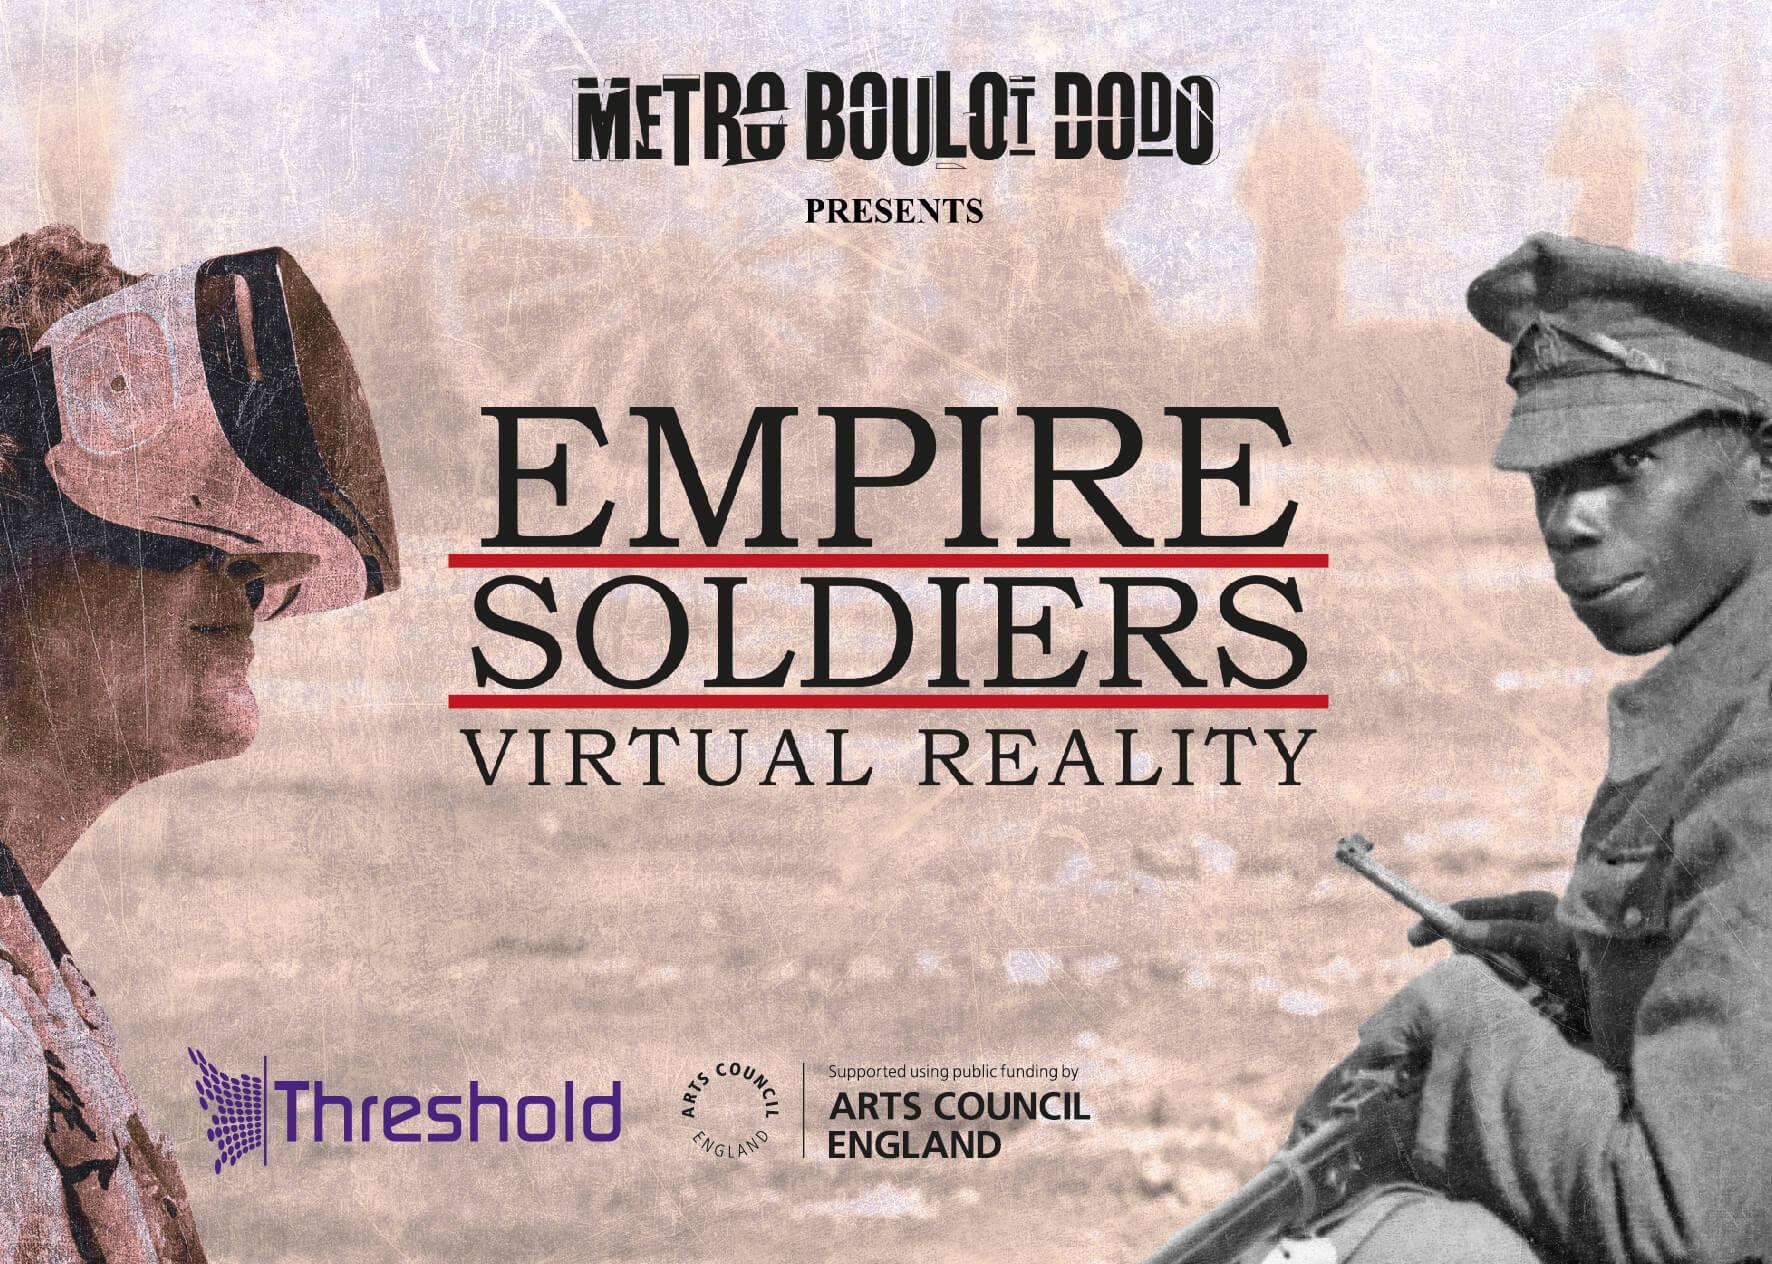 Empire Soldiers VR Metro Boulot Dodo